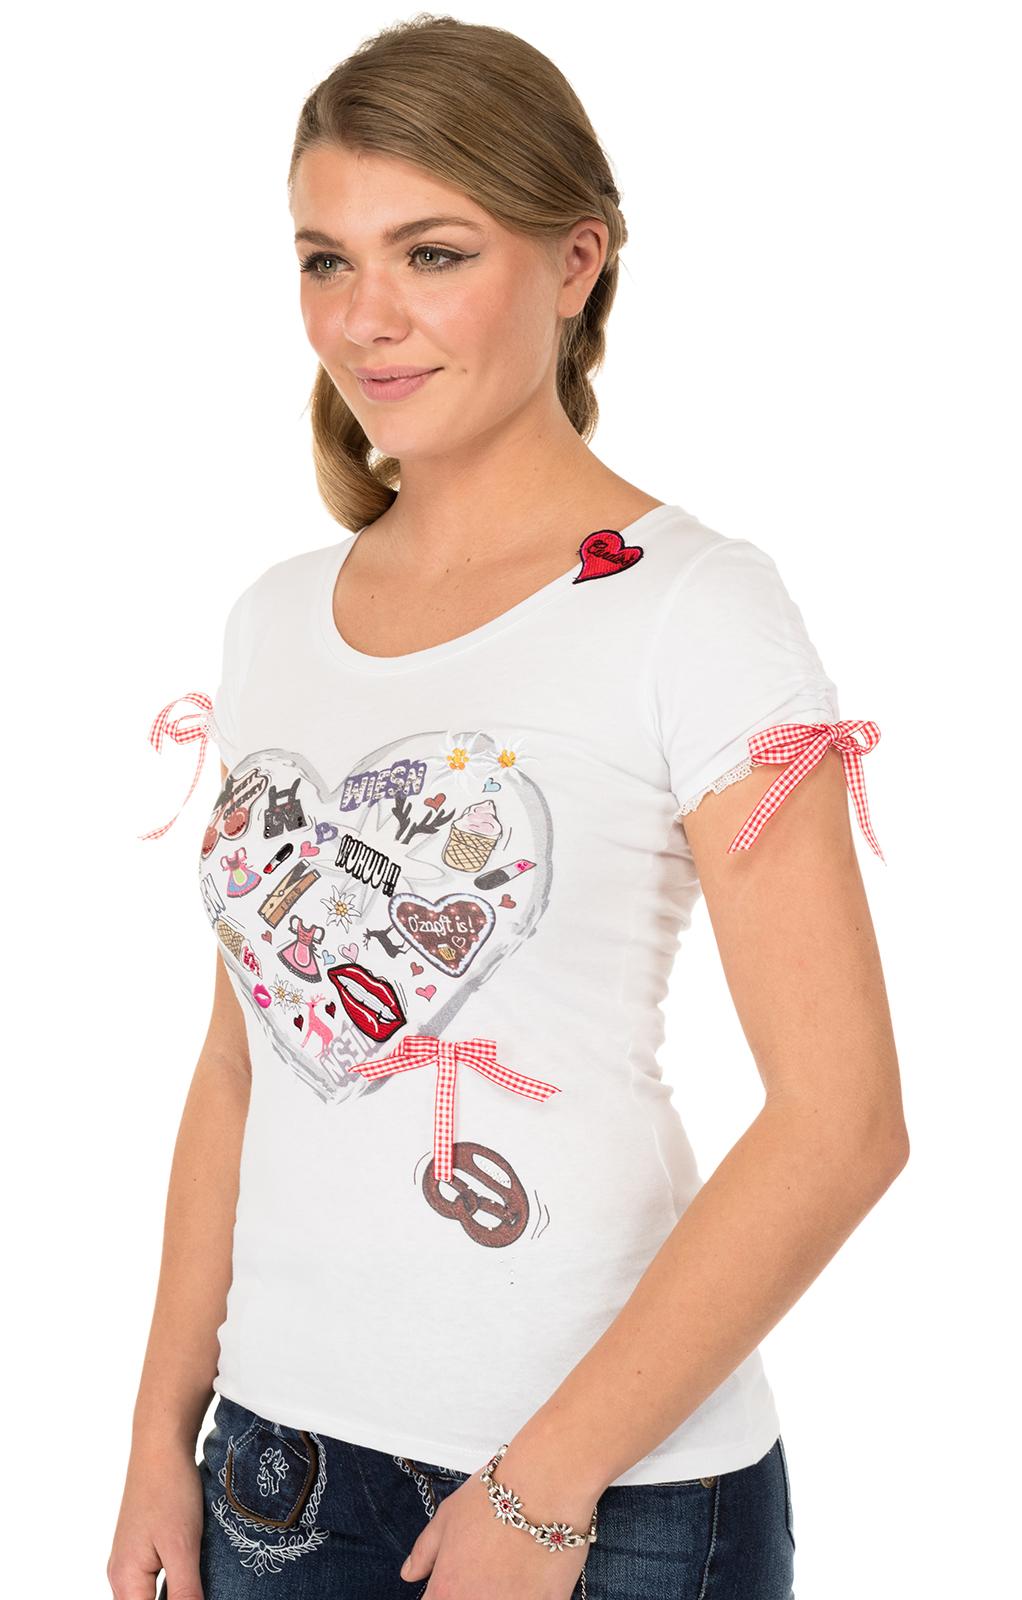 weitere Bilder von Trachten T-Shirt HAPPY weiss